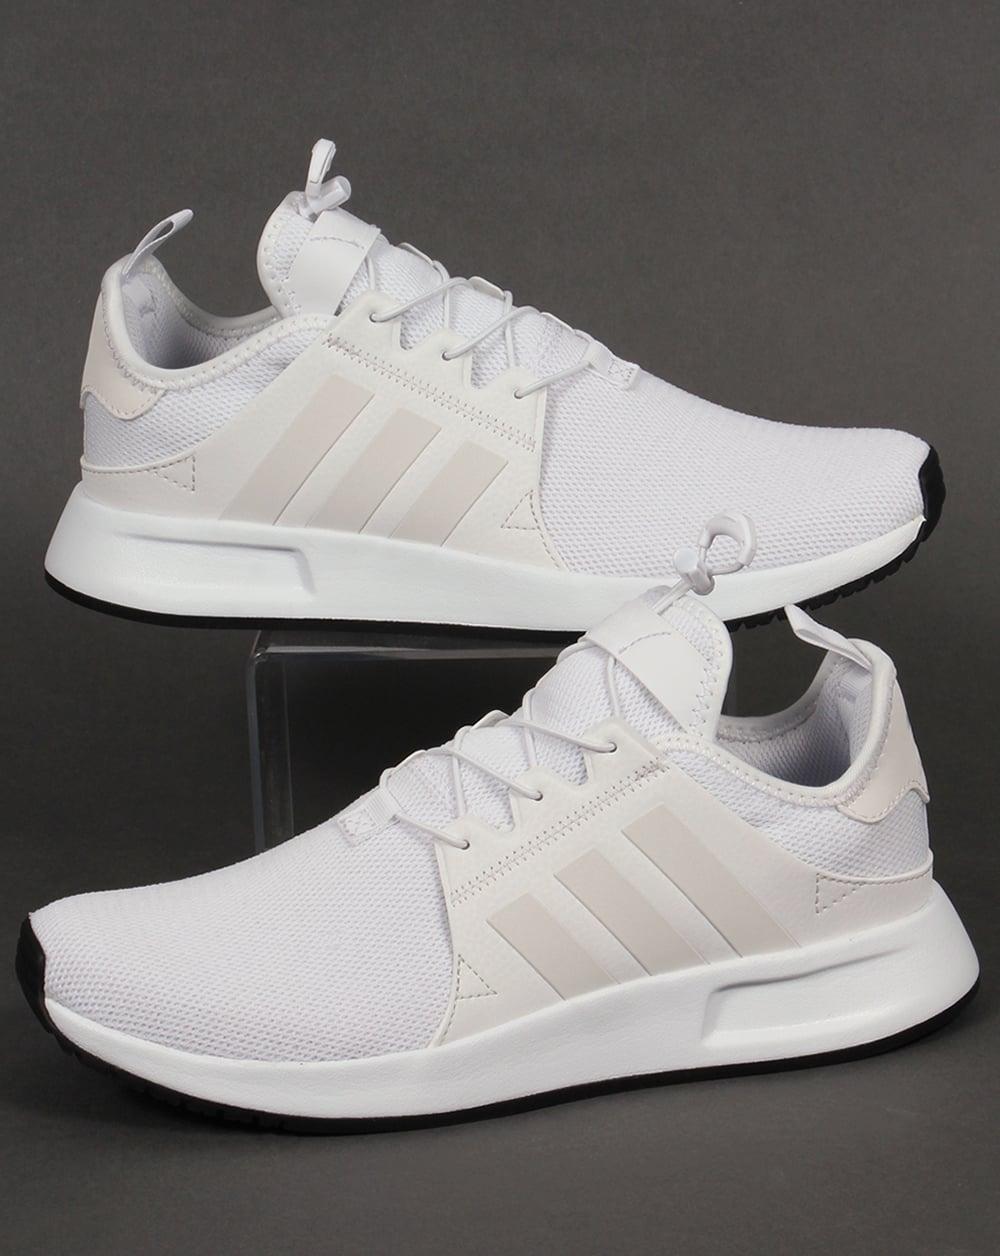 adidas xplr white